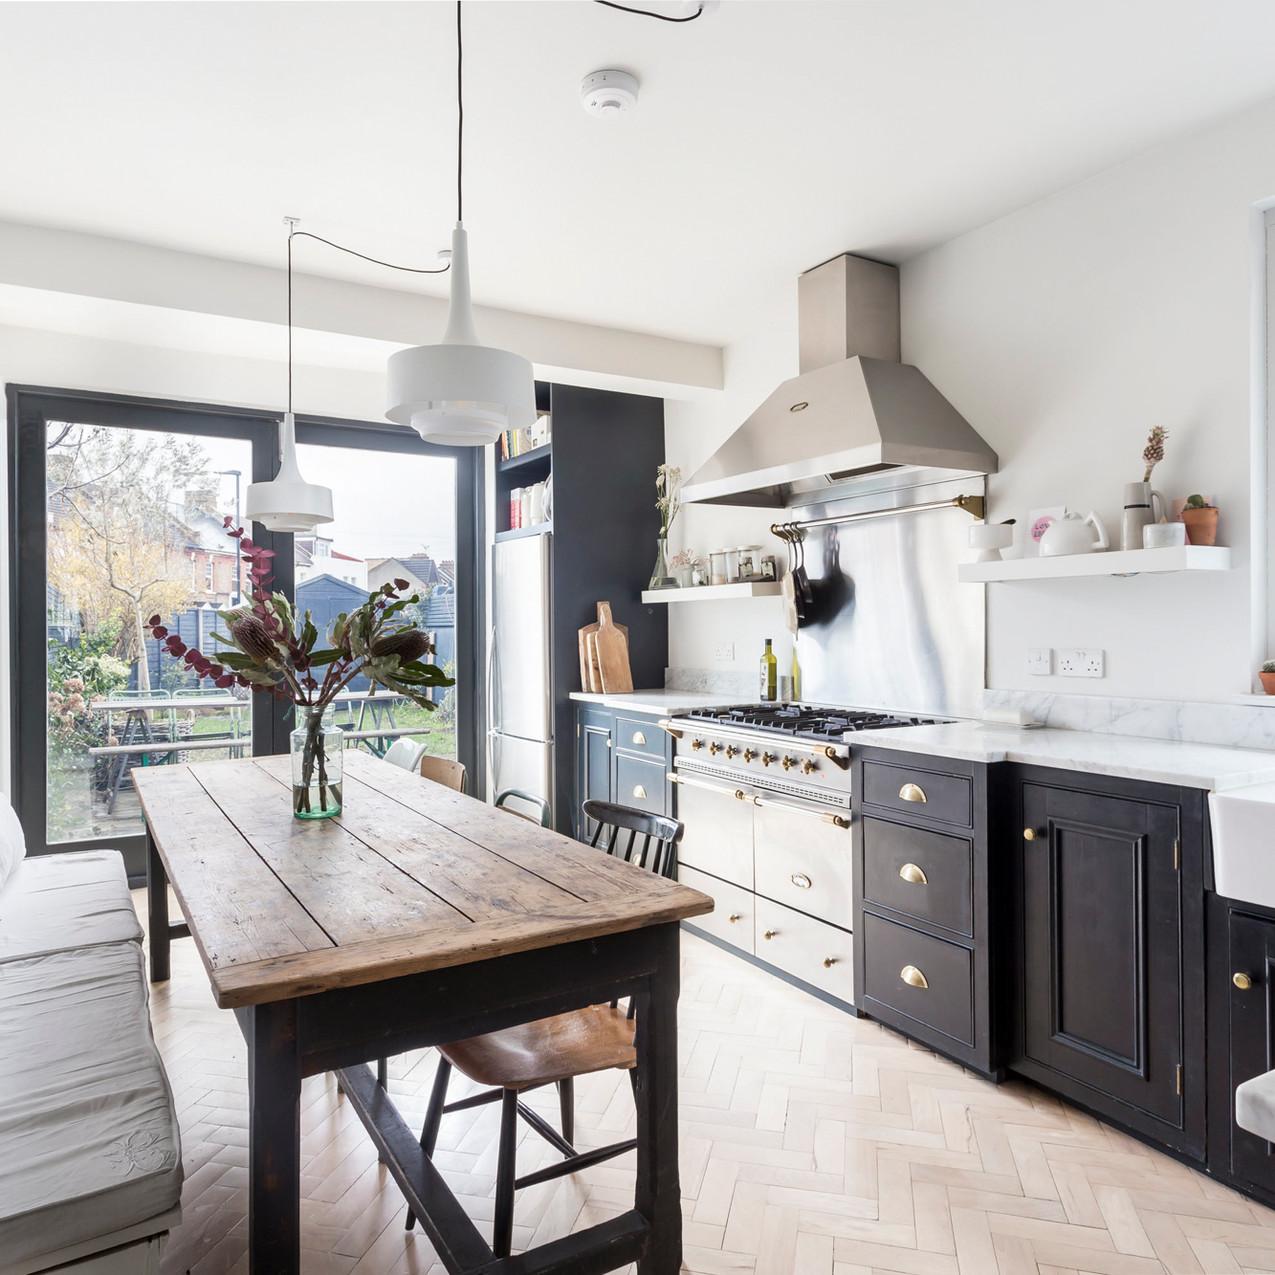 Kitchen, Haringey, London